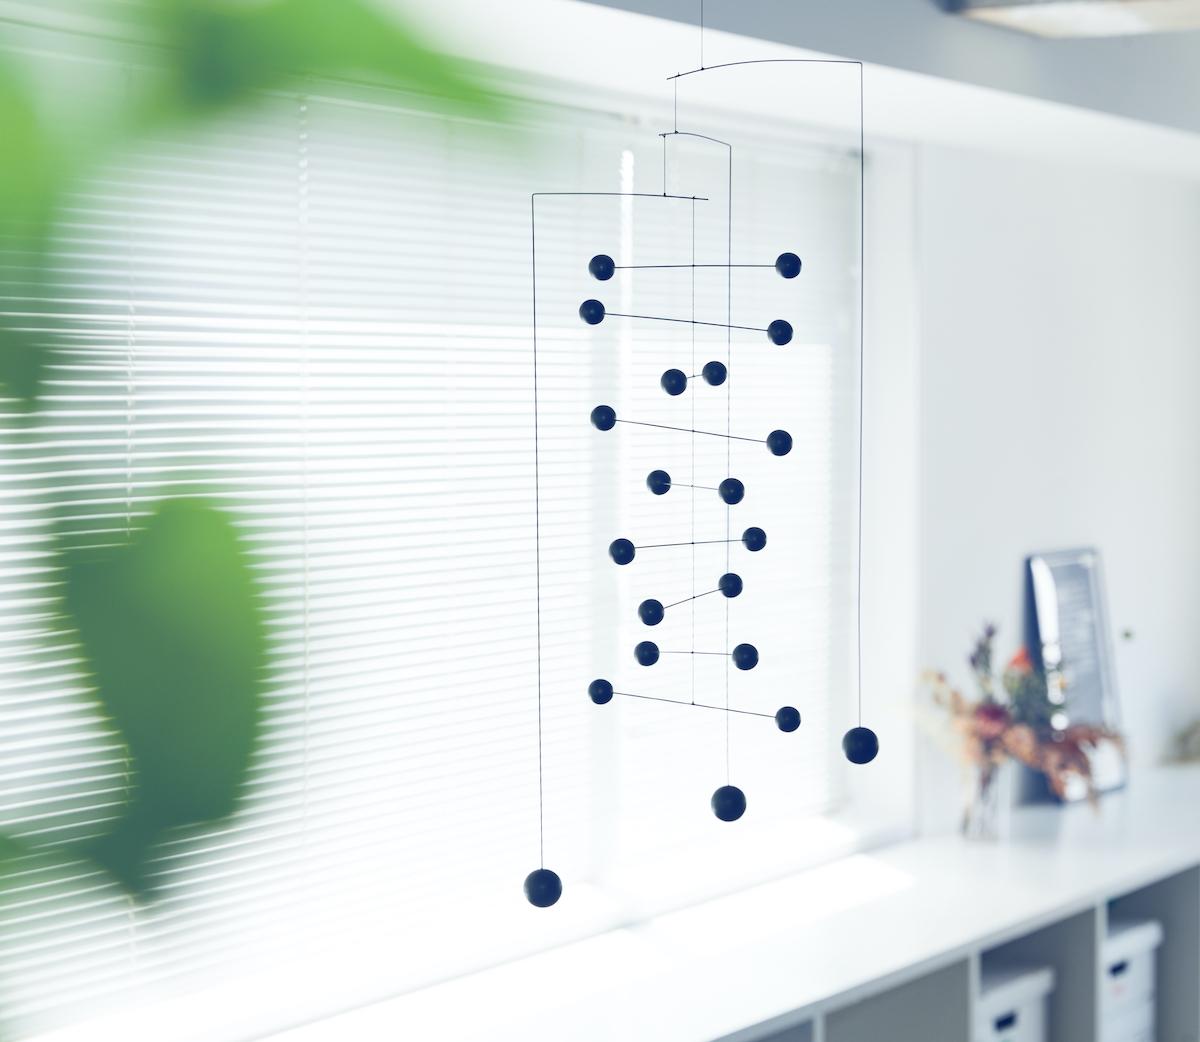 箱から出してそのまま簡単に設置できる。吊り下げるだけで、お部屋がモダン空間に変わる「大人のモビール」|FLENSTED MOBILES(フレンステッドモビール)